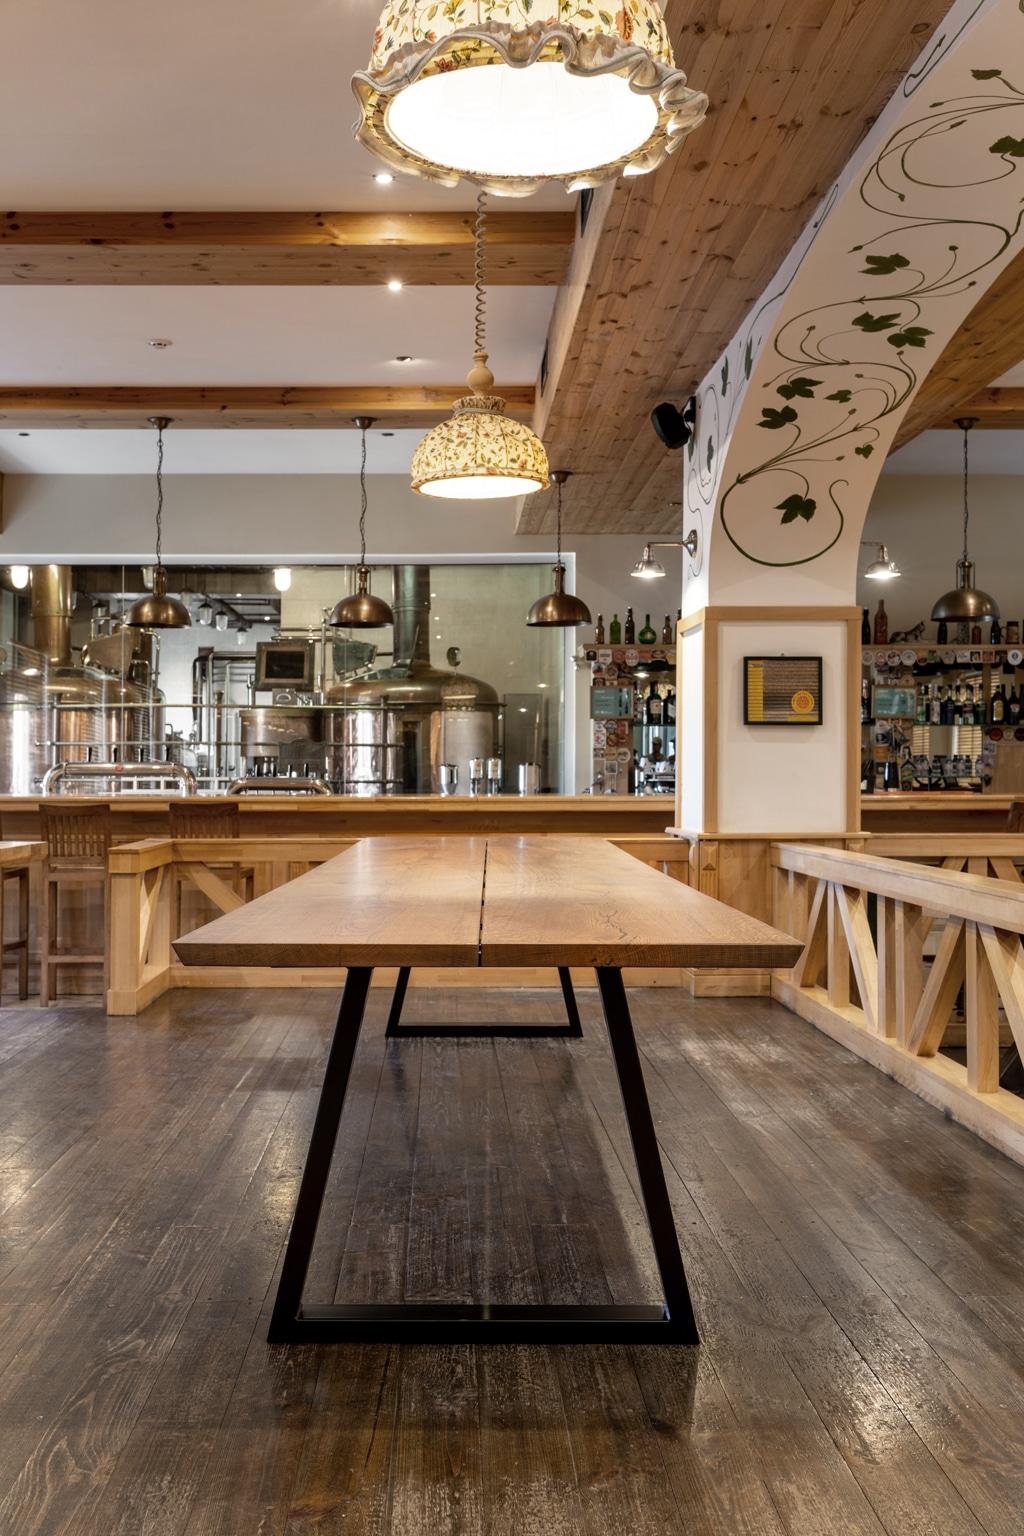 verkoop afgewerkt houten tafelblad